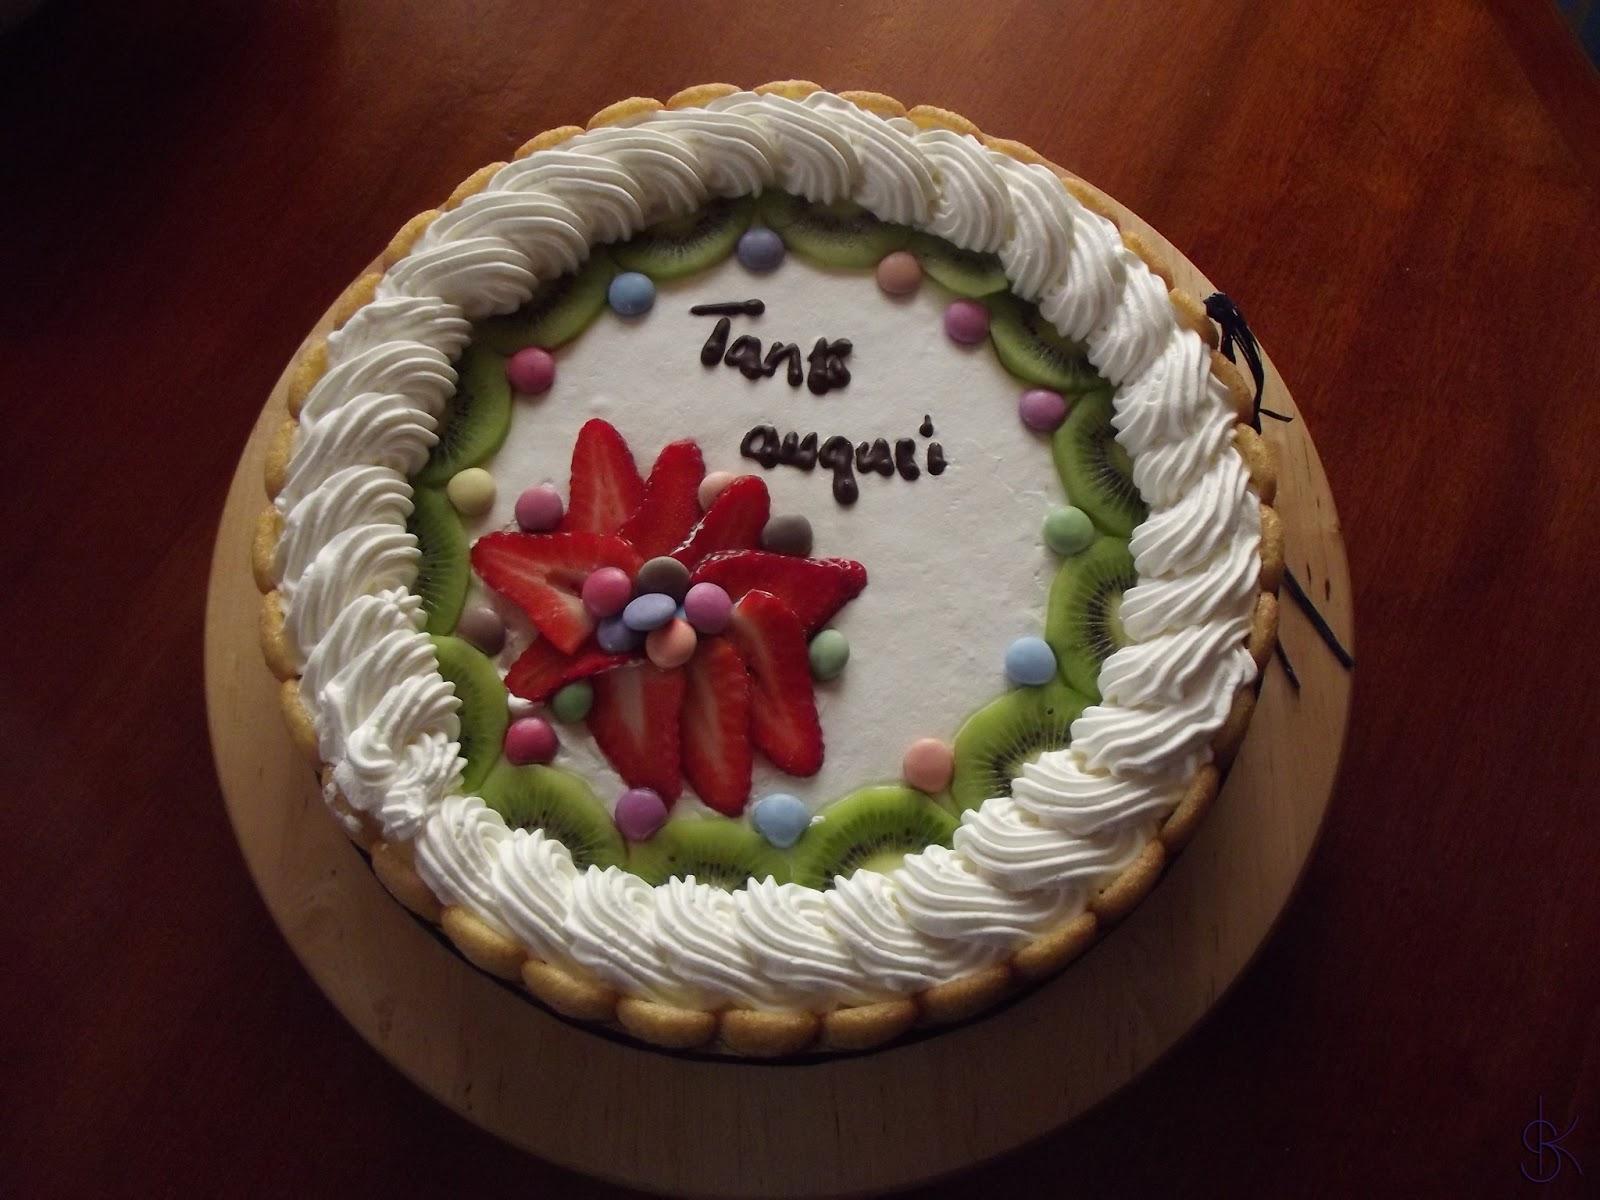 Dolci creazioni torta con fragole e kiwi for Decorazioni torte con fragole e cioccolato